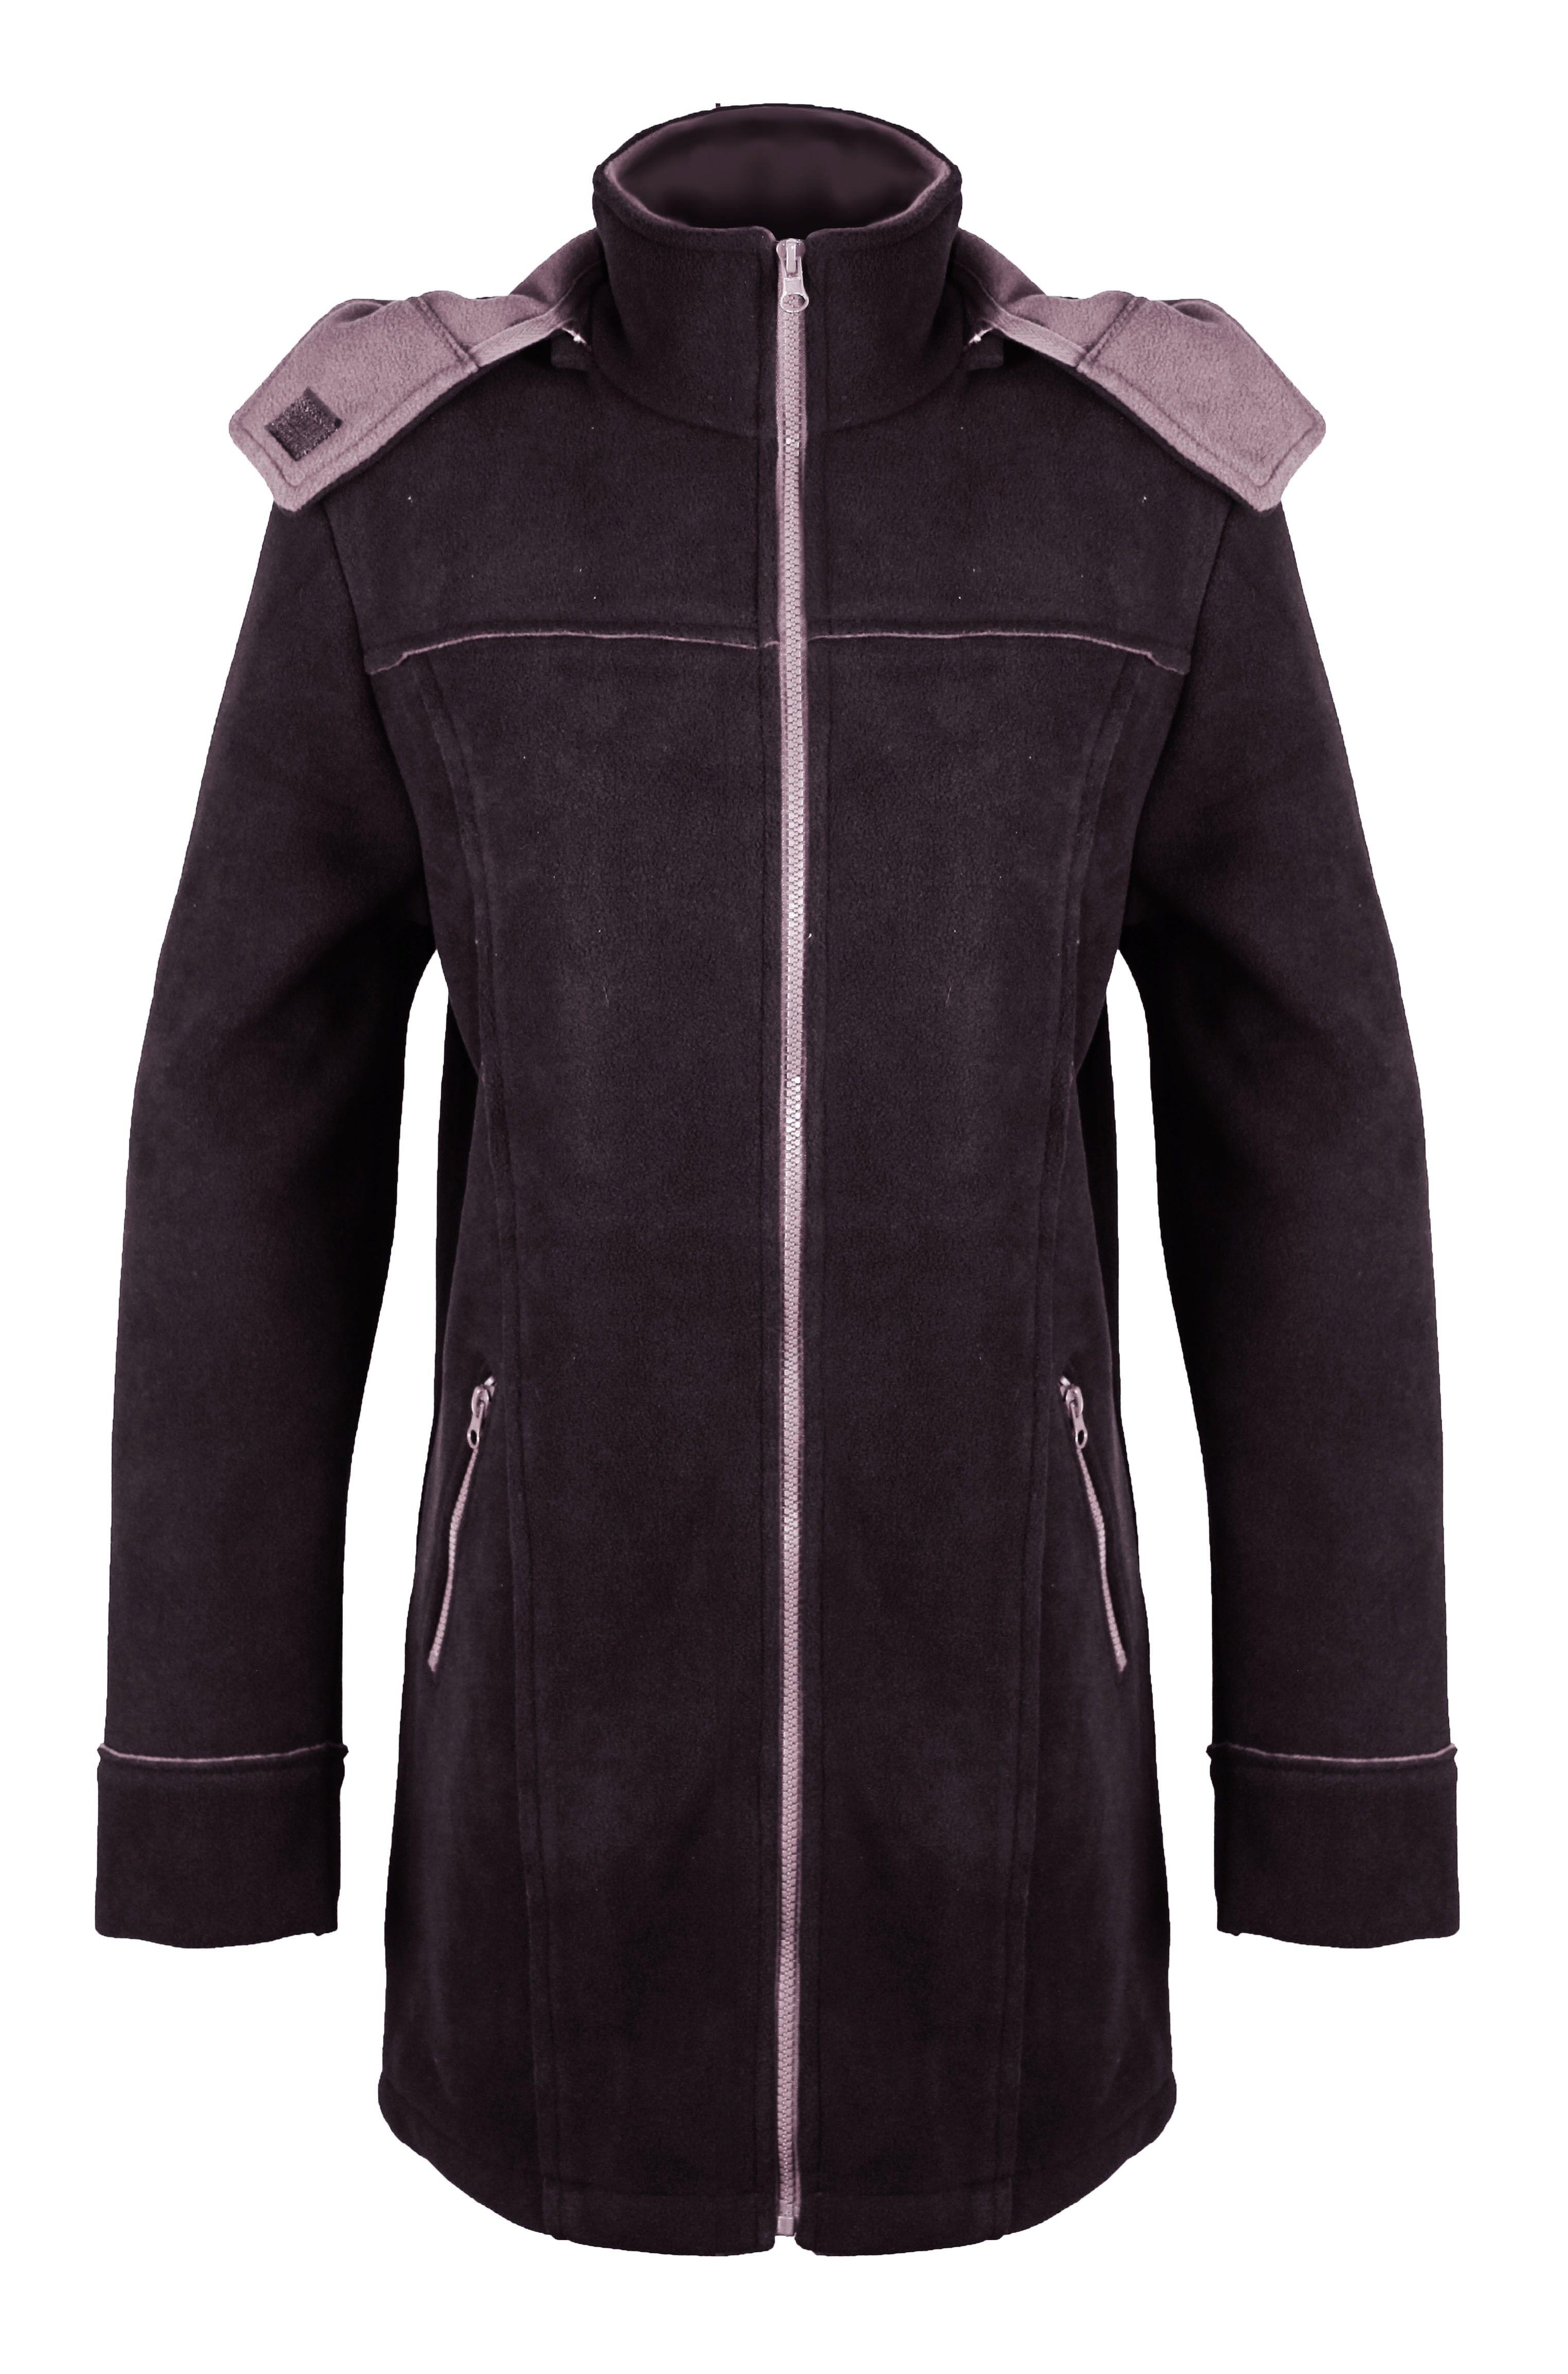 Manteau polaire femme